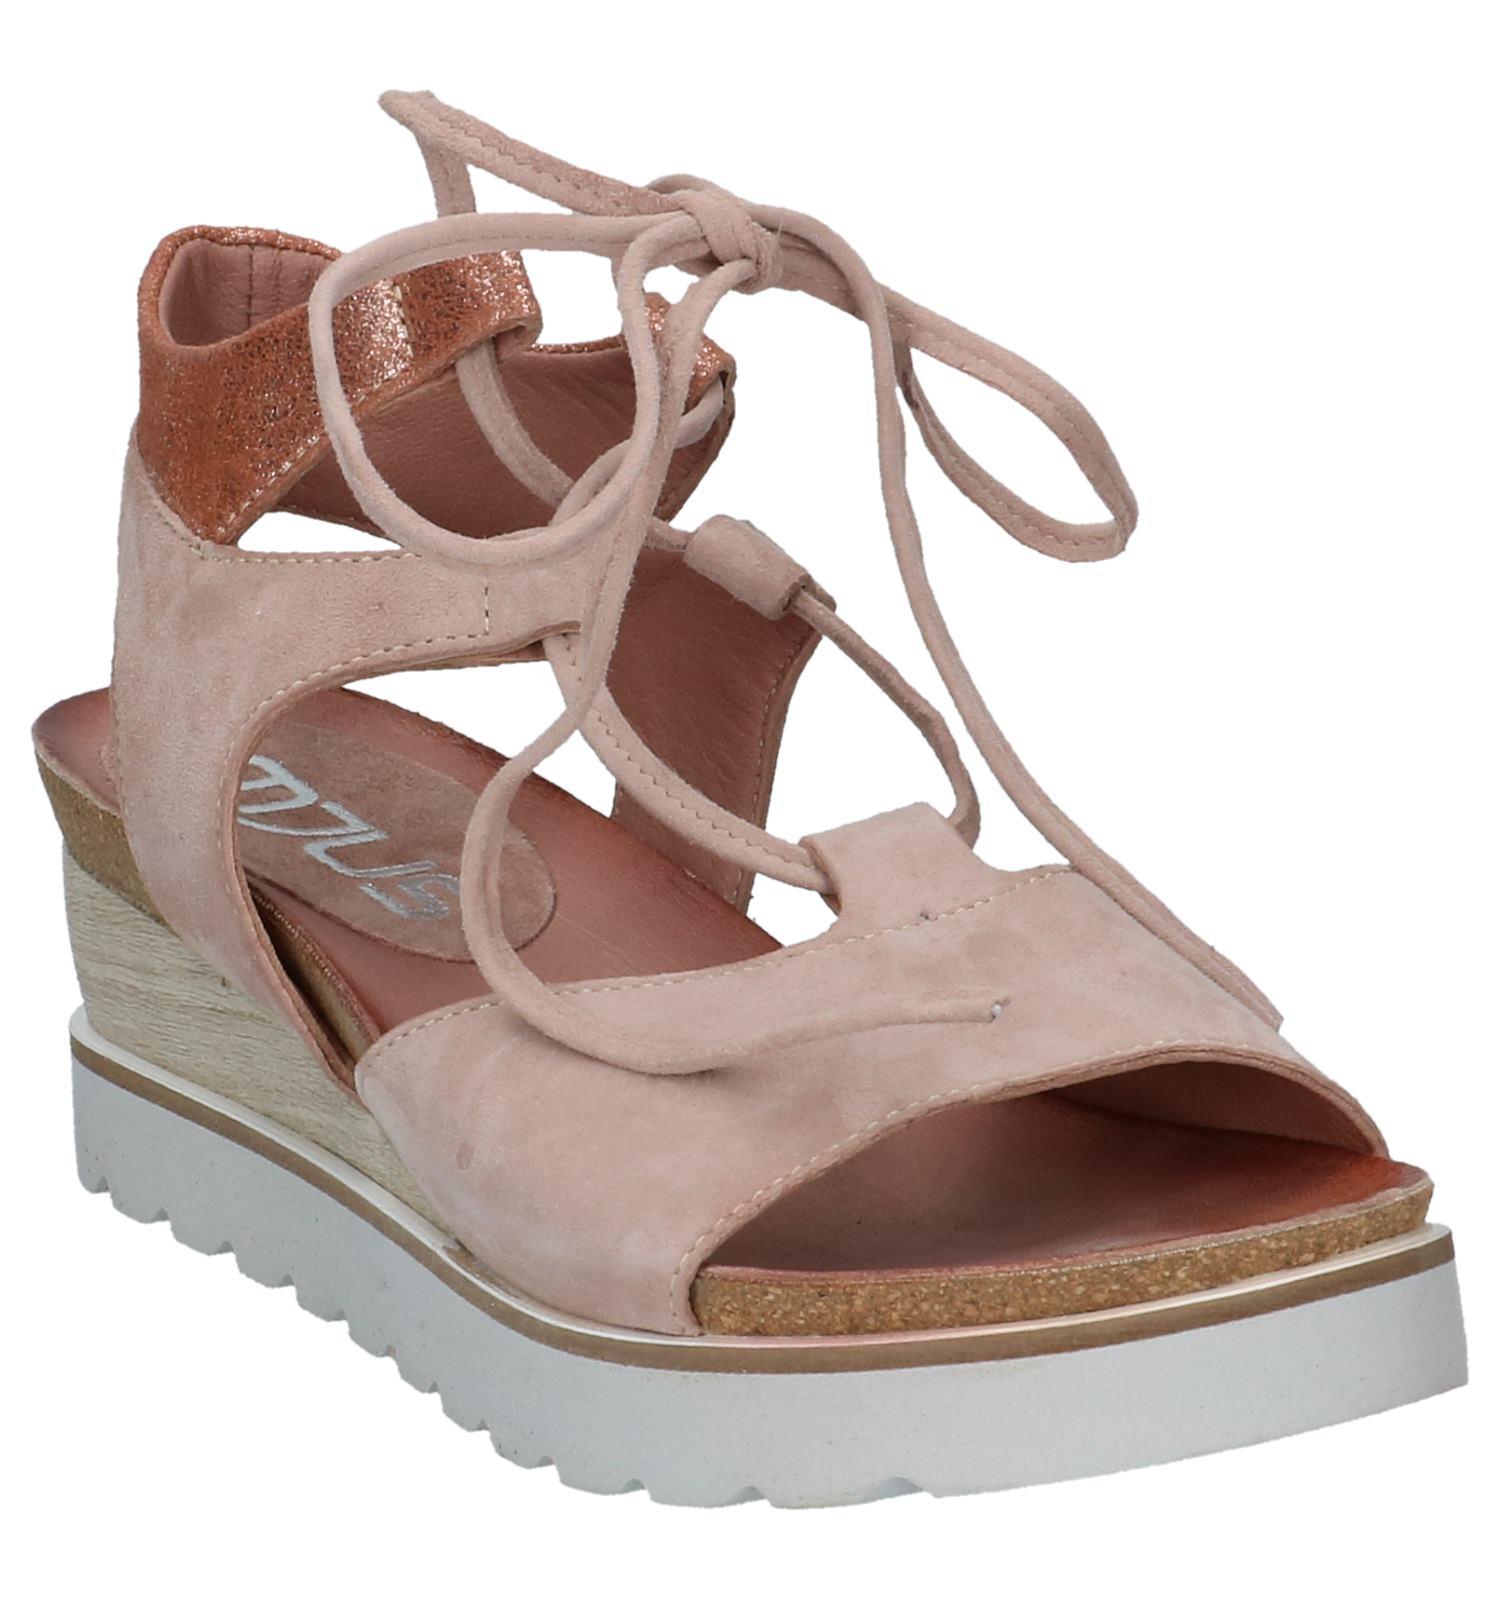 Lichtroze Sleehaik Sandalen Sandalen Met Met Lichtroze Sleehaik Mjus 76fgvYyb